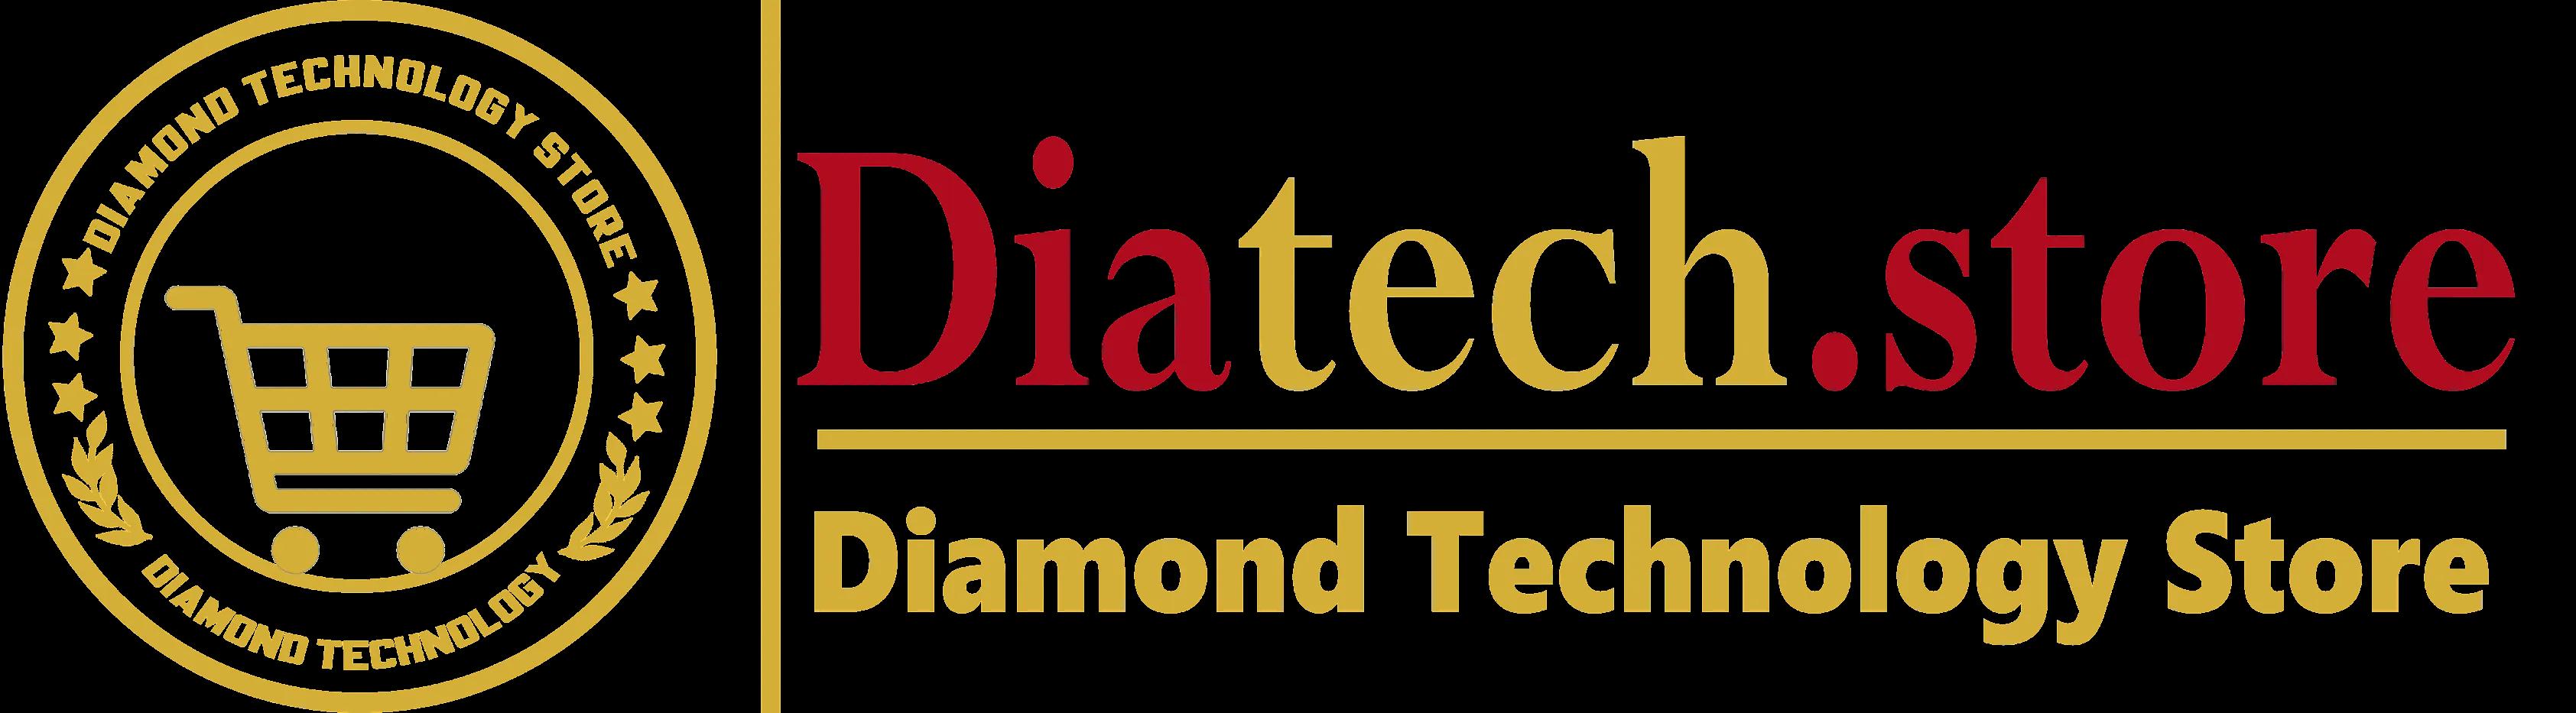 Diamond Technology Store